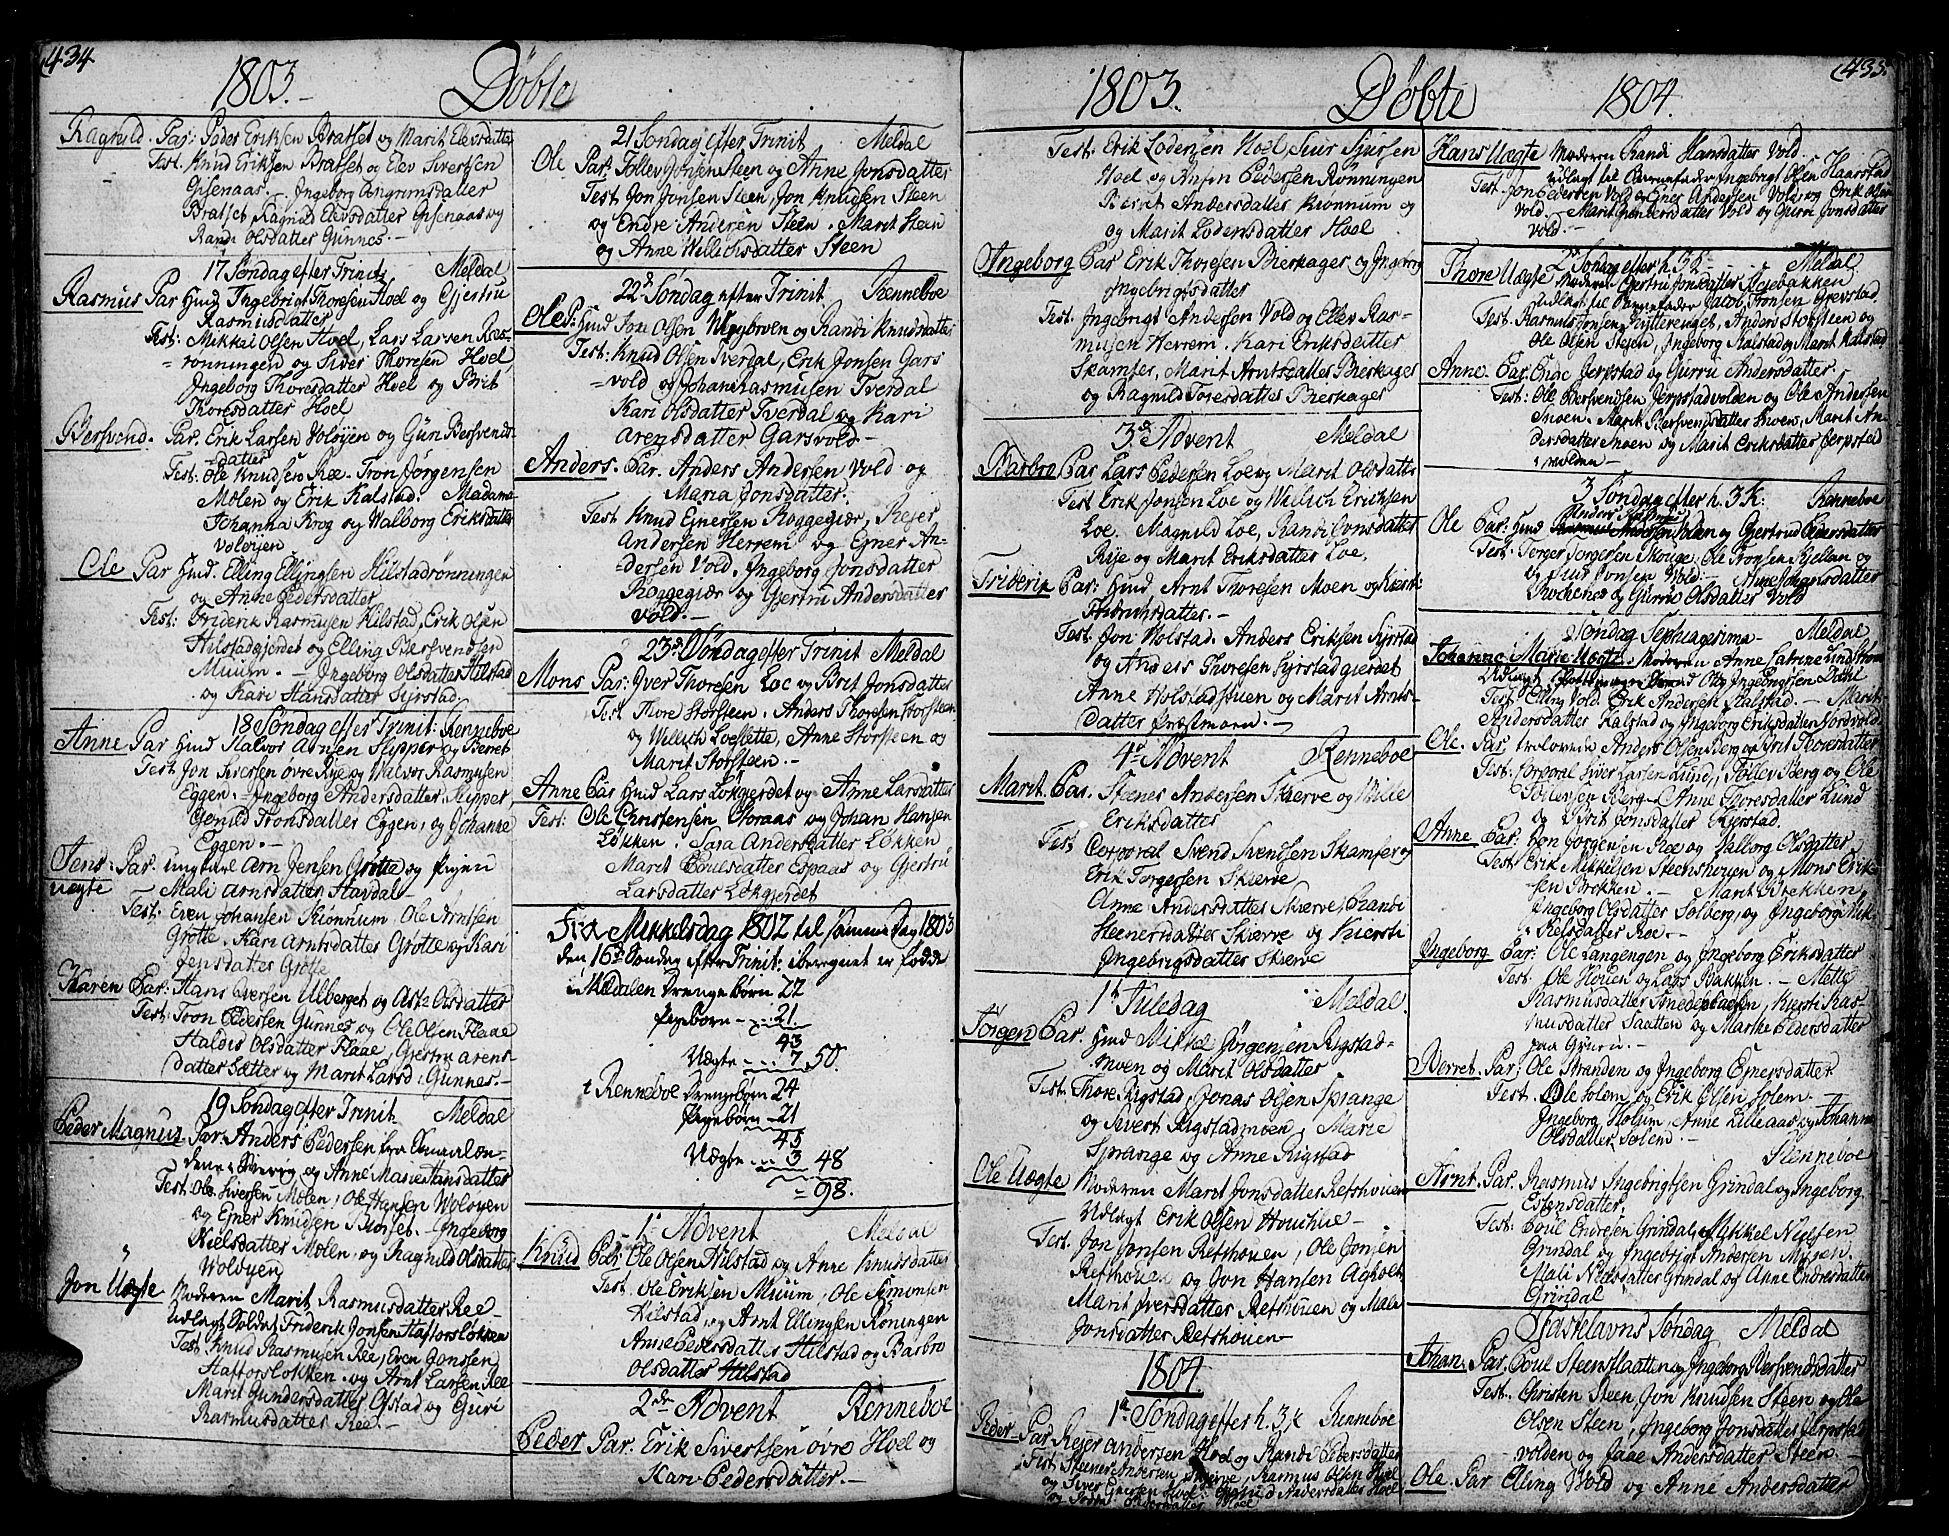 SAT, Ministerialprotokoller, klokkerbøker og fødselsregistre - Sør-Trøndelag, 672/L0852: Ministerialbok nr. 672A05, 1776-1815, s. 434-435